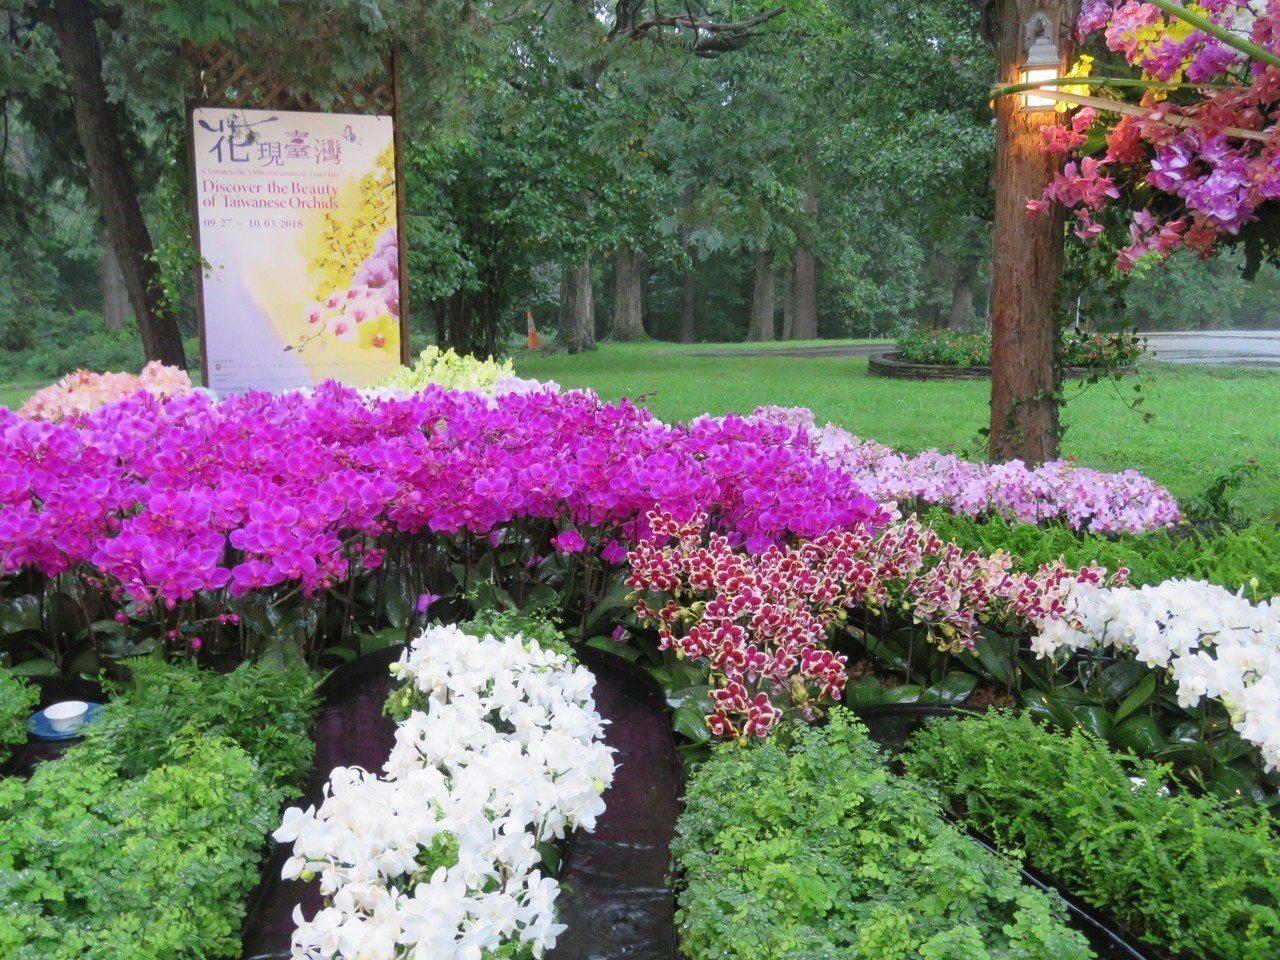 雙橡園舉行「花現台灣」蘭花展,用彎曲水道與蘭花園藝造景。華盛頓記者張加/攝影